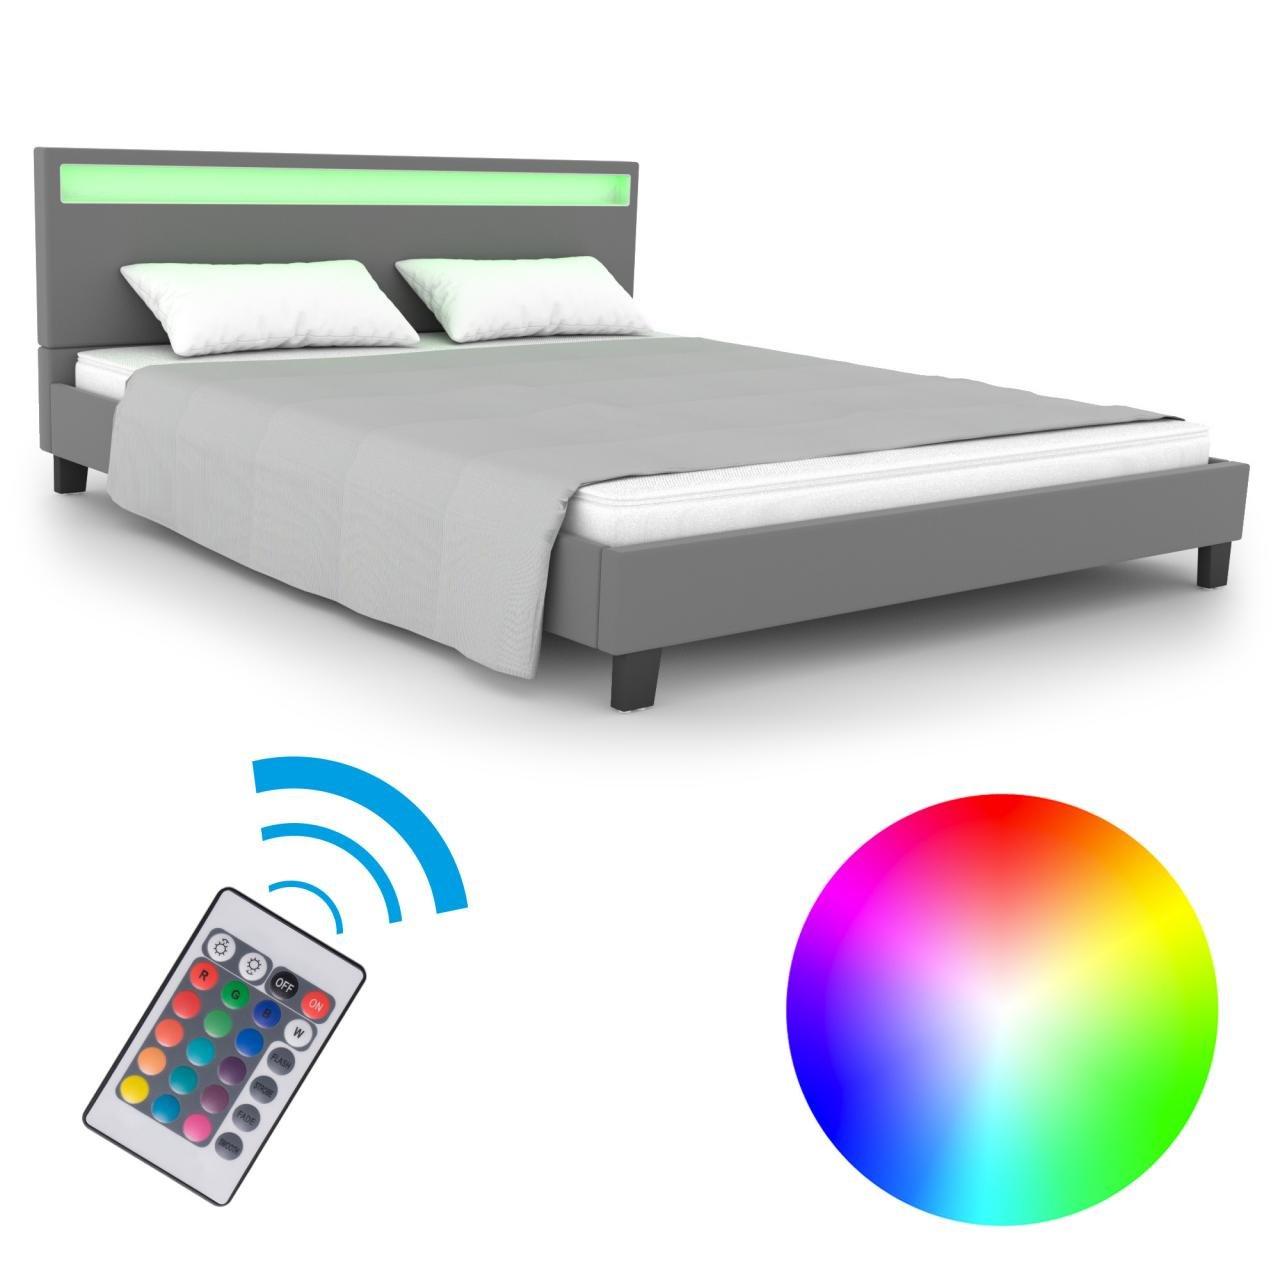 Homelux LED Bett Polsterbett Doppelbett Kunstlederbett Bettgestell ...